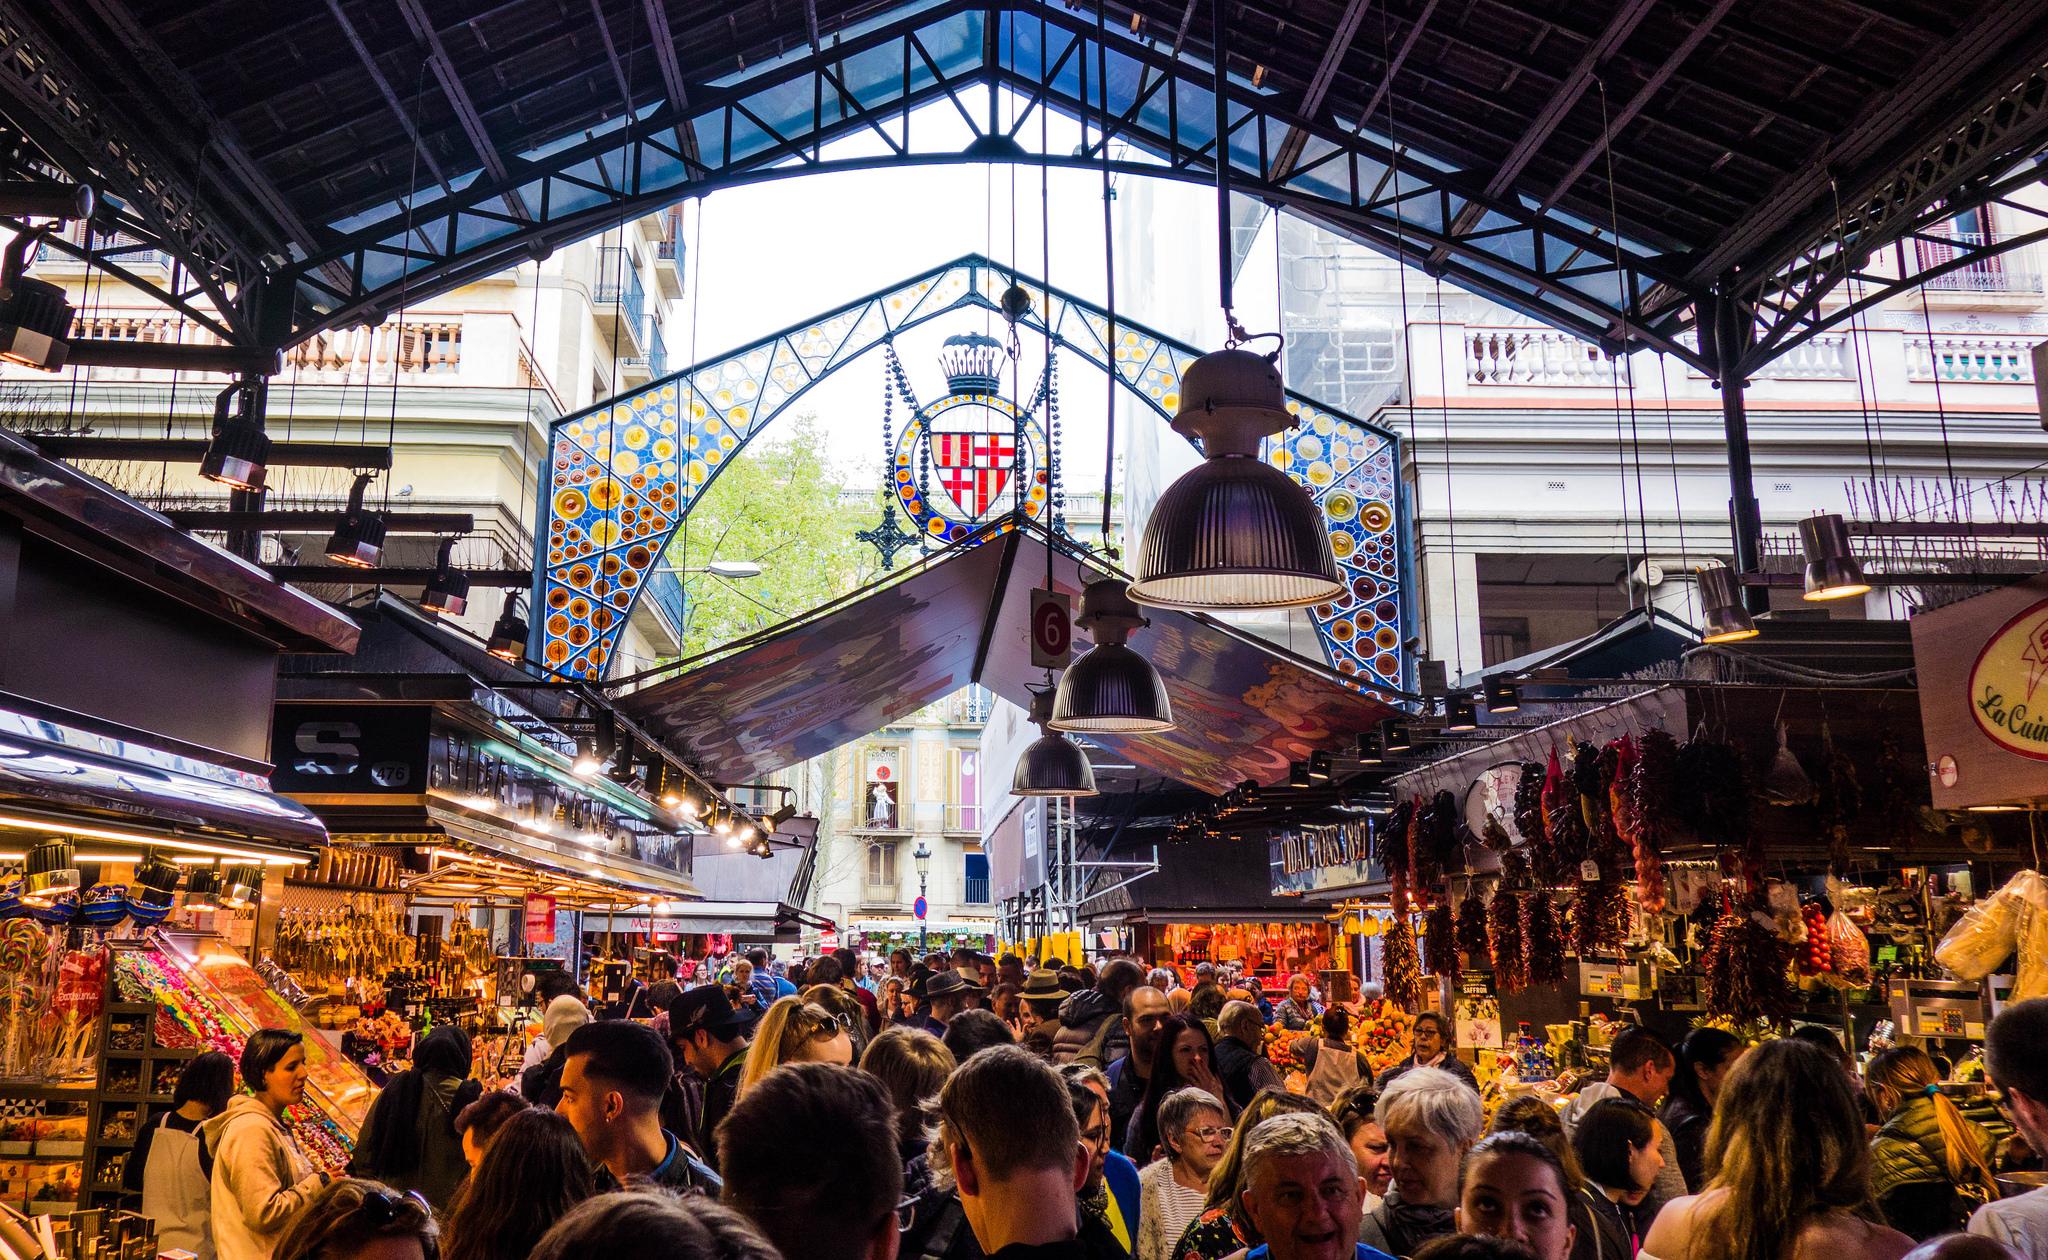 La Boqueria market in Barcelona - GODeX